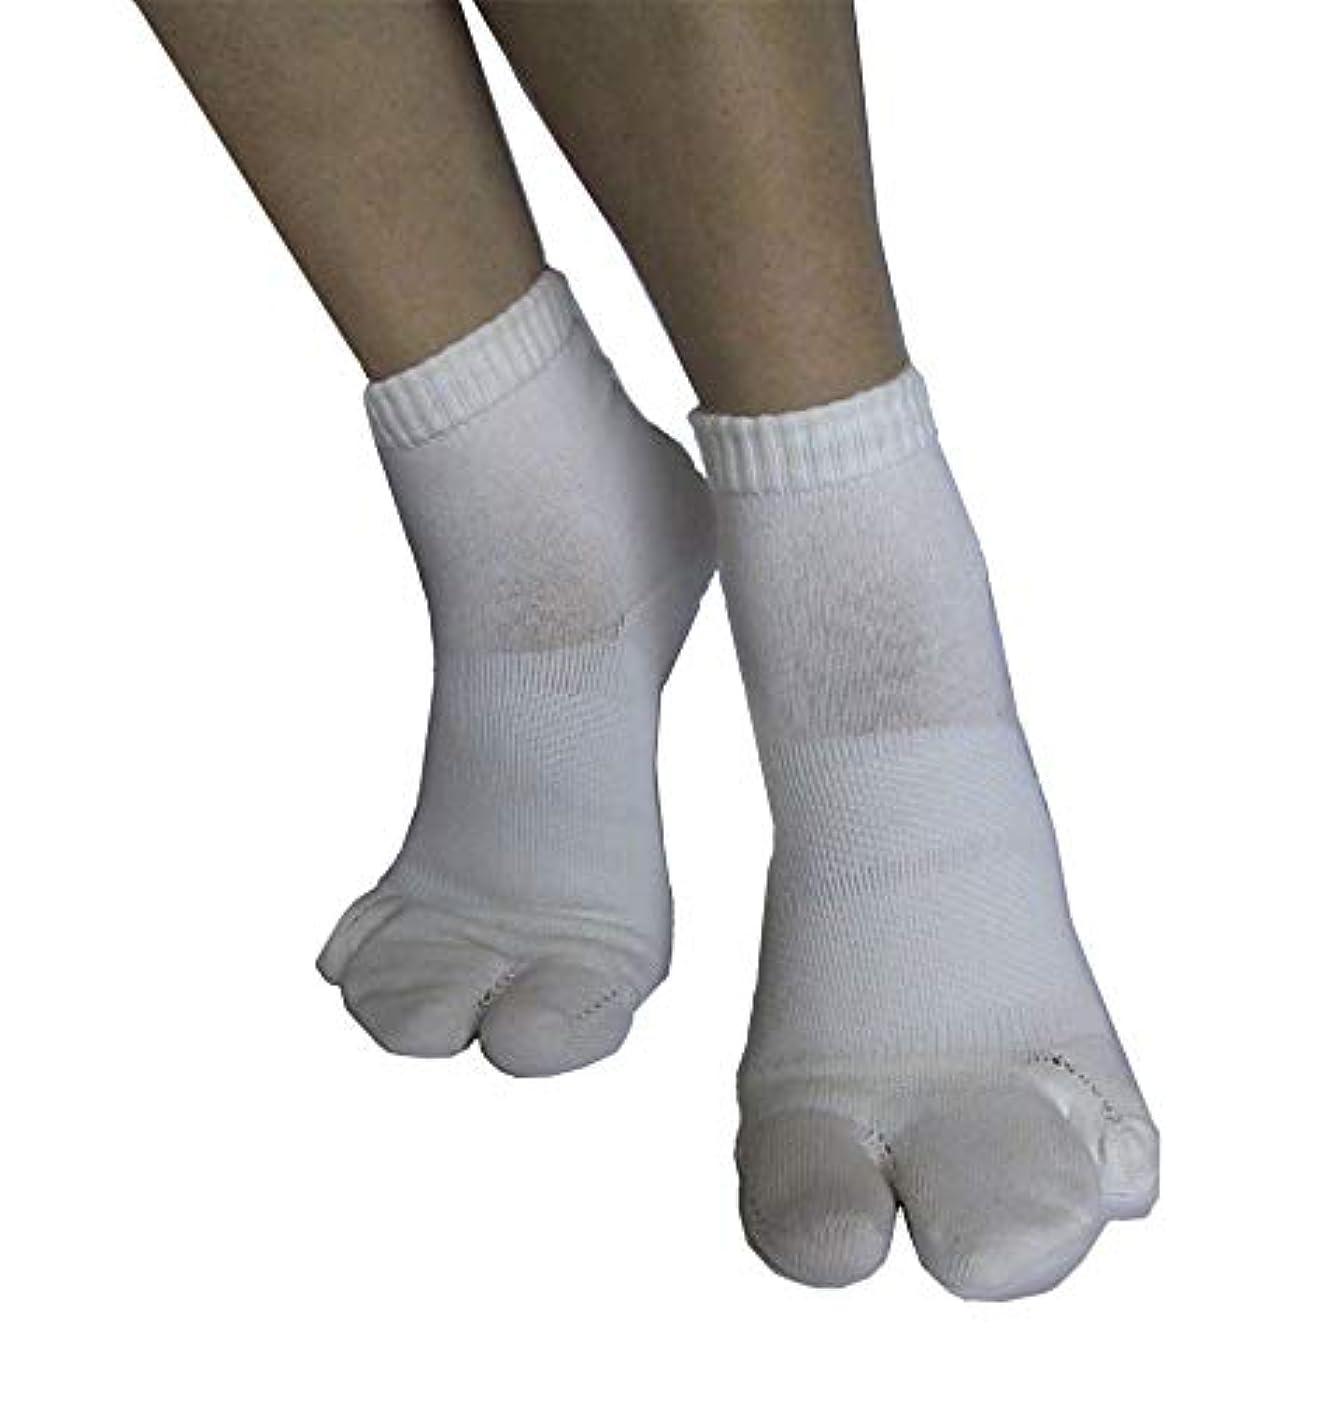 ゾーン人柄注入カサハラ式サポーター ホソックス3本指テーピング靴下 ホワイトS 22-23cm